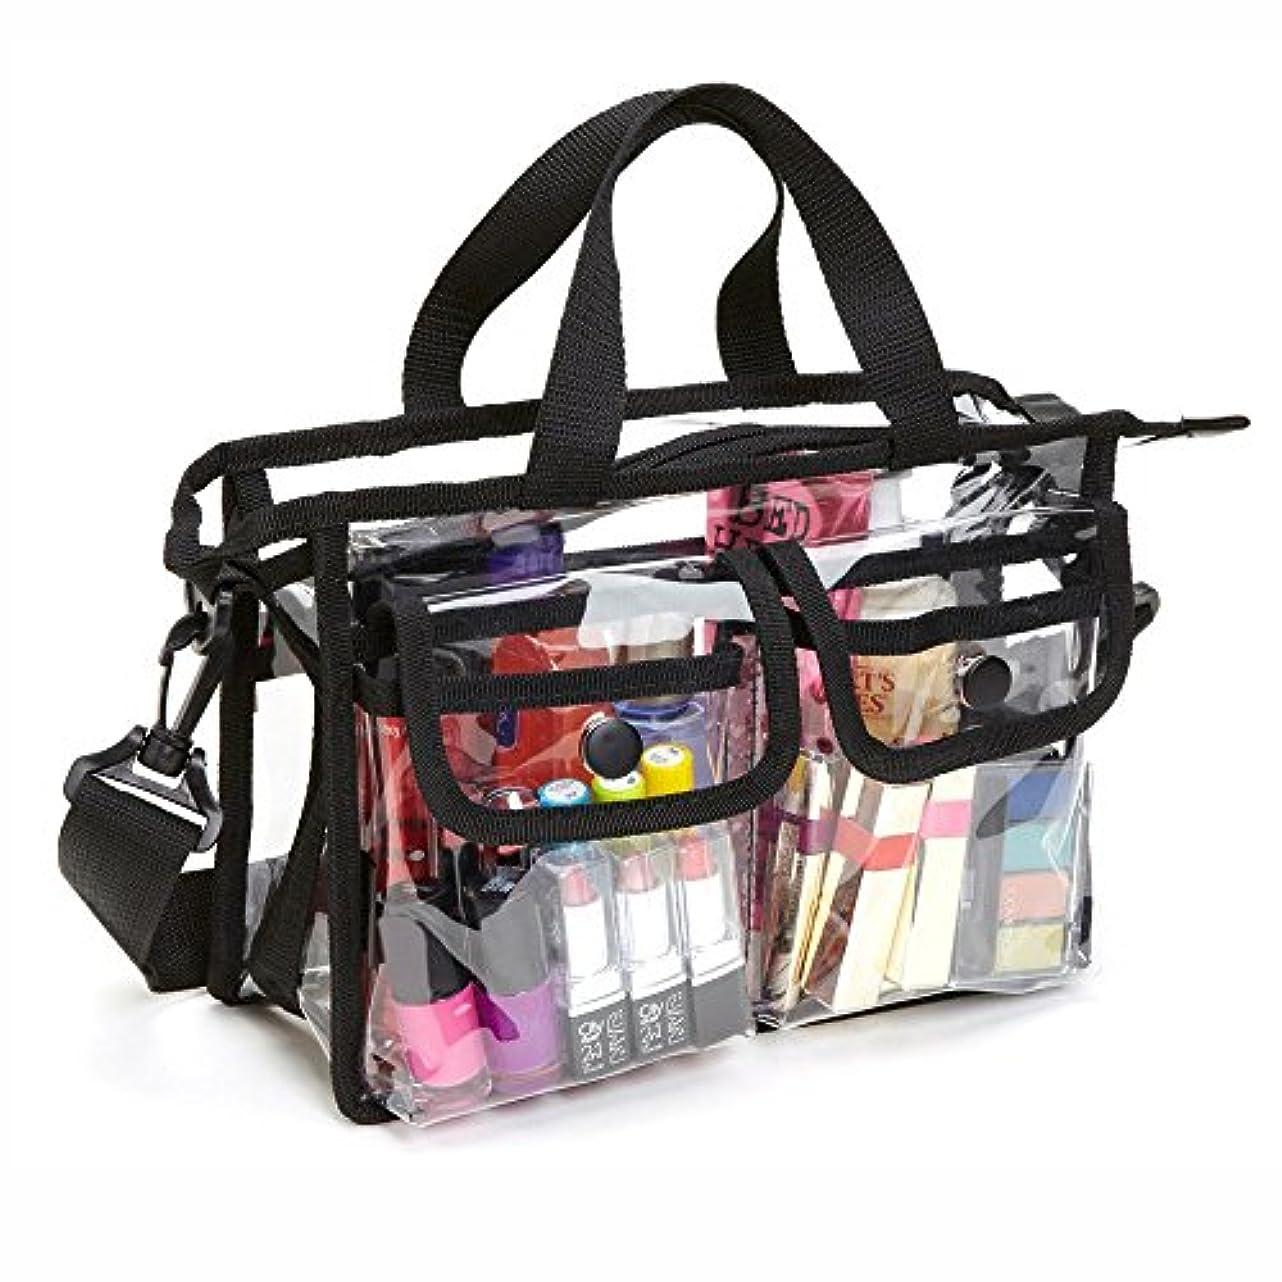 裁量安息コジオスコメイクバッグ Akane EVA ショルダーバッグ 透明 お風呂 防水 厚く 家用 便利 旅行 ビーチ 化粧バッグ